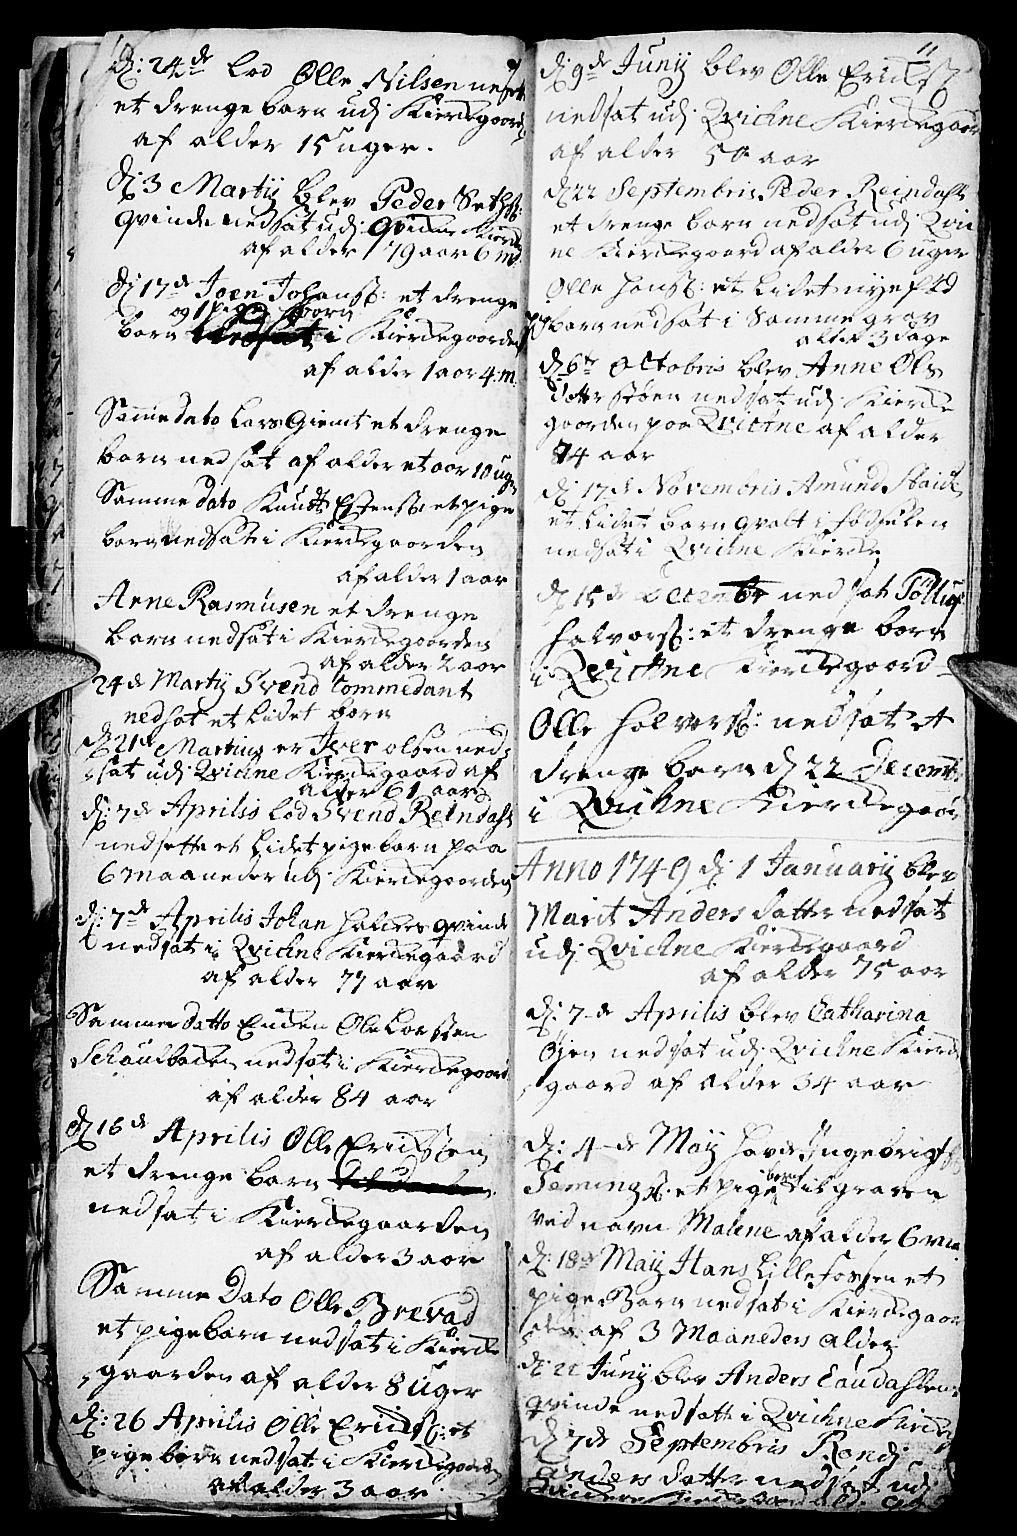 SAH, Kvikne prestekontor, Parish register (official) no. 1, 1740-1756, p. 10-11